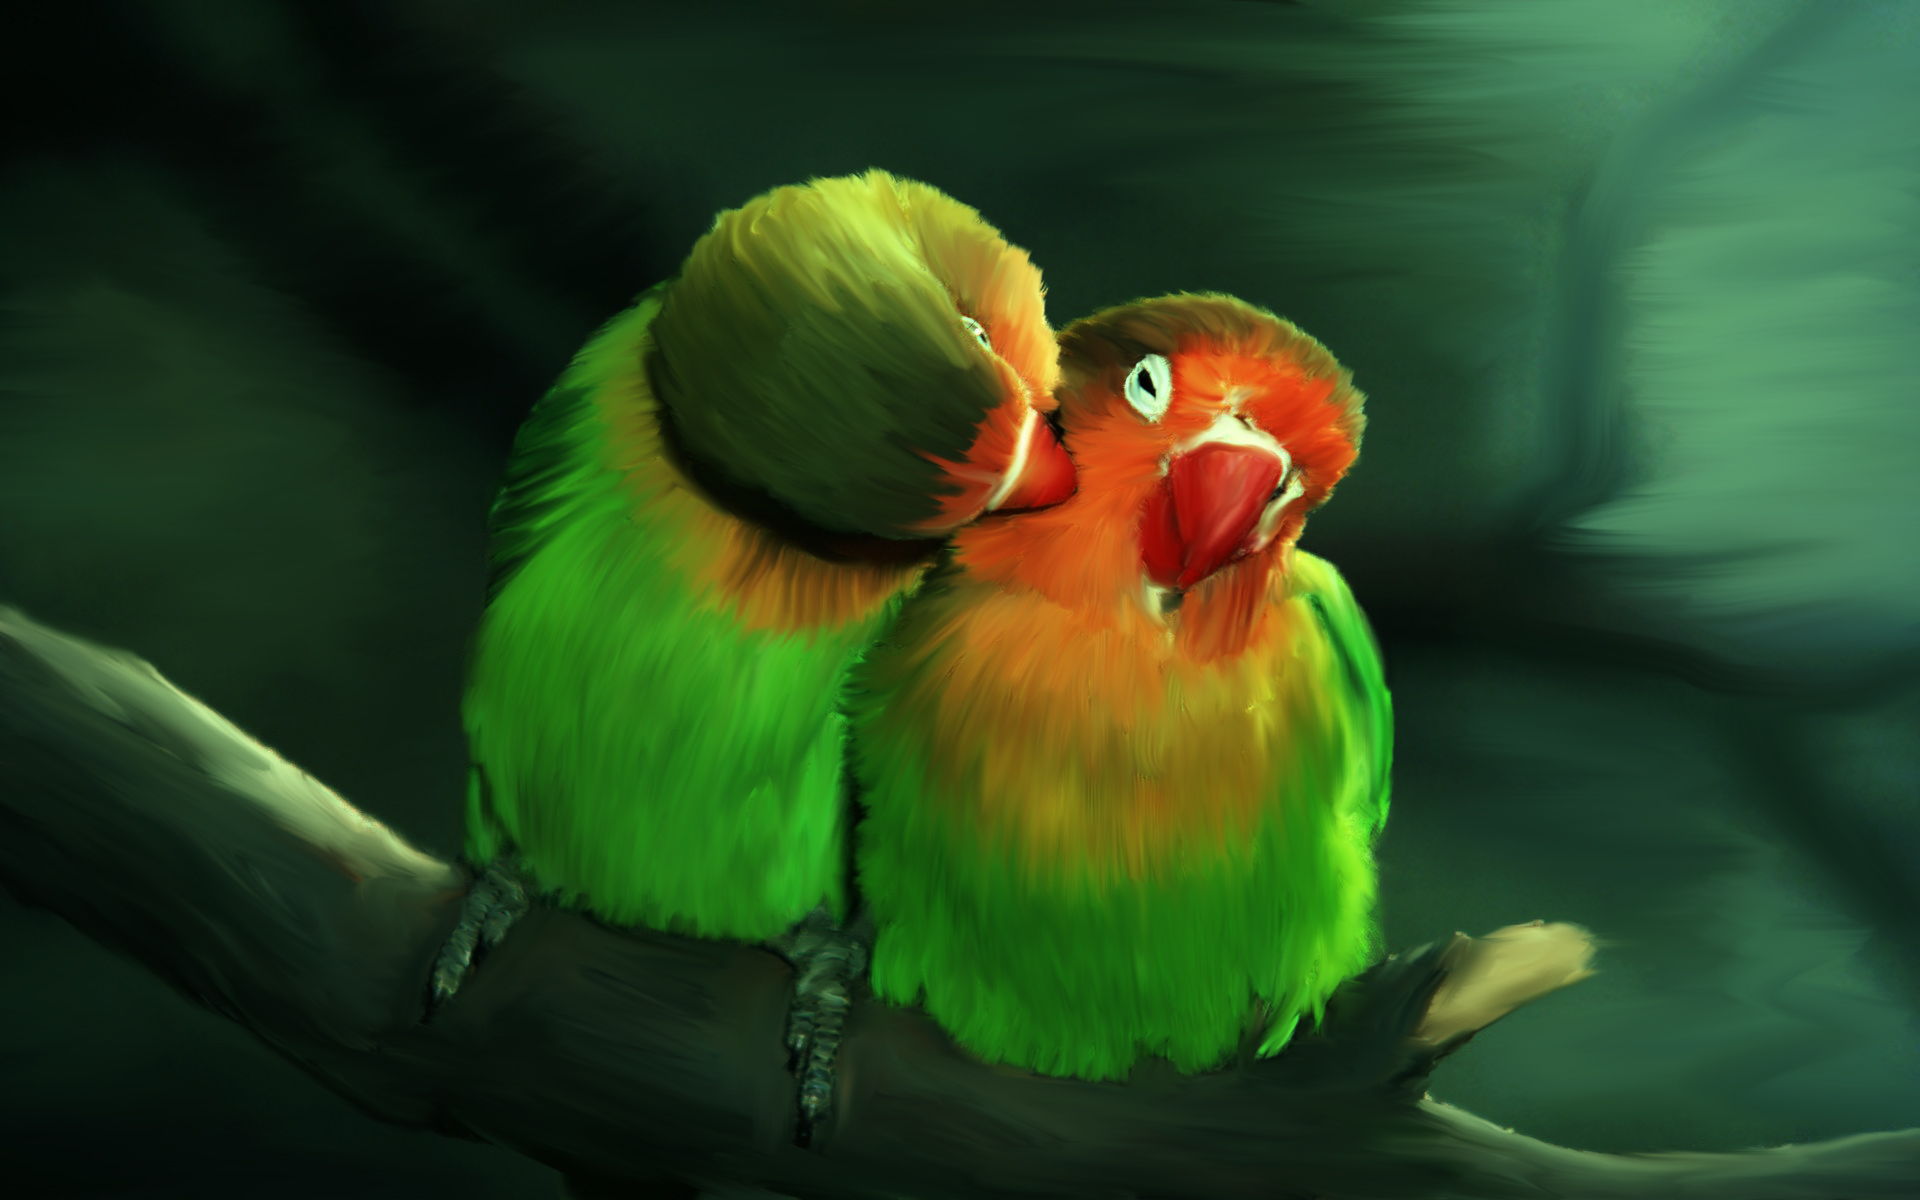 Love birds by Love-Hinaa